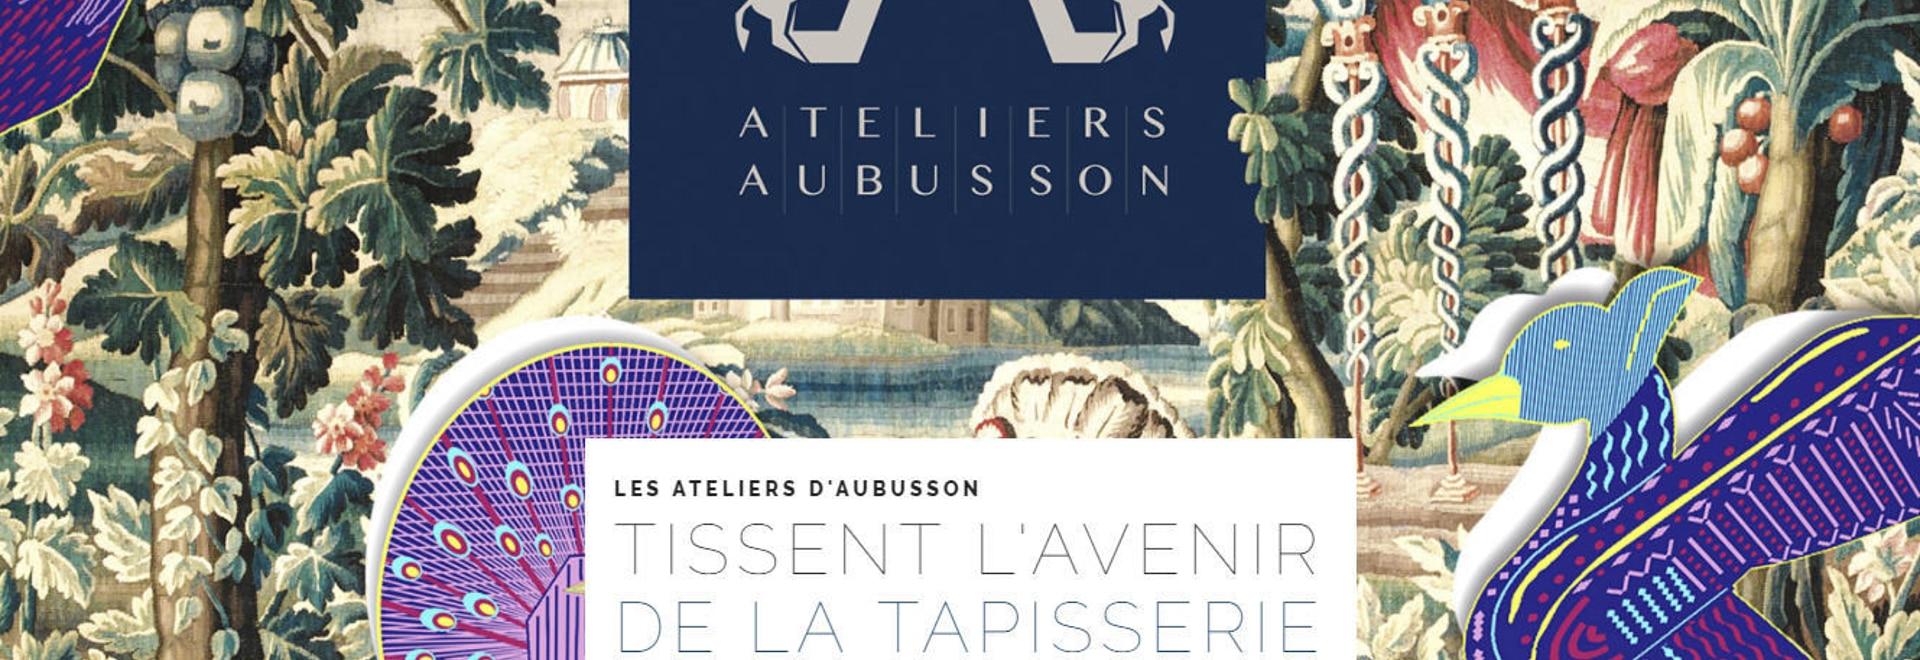 El d'Aubusson de los talleres de Les teje el futuro de la tapicería